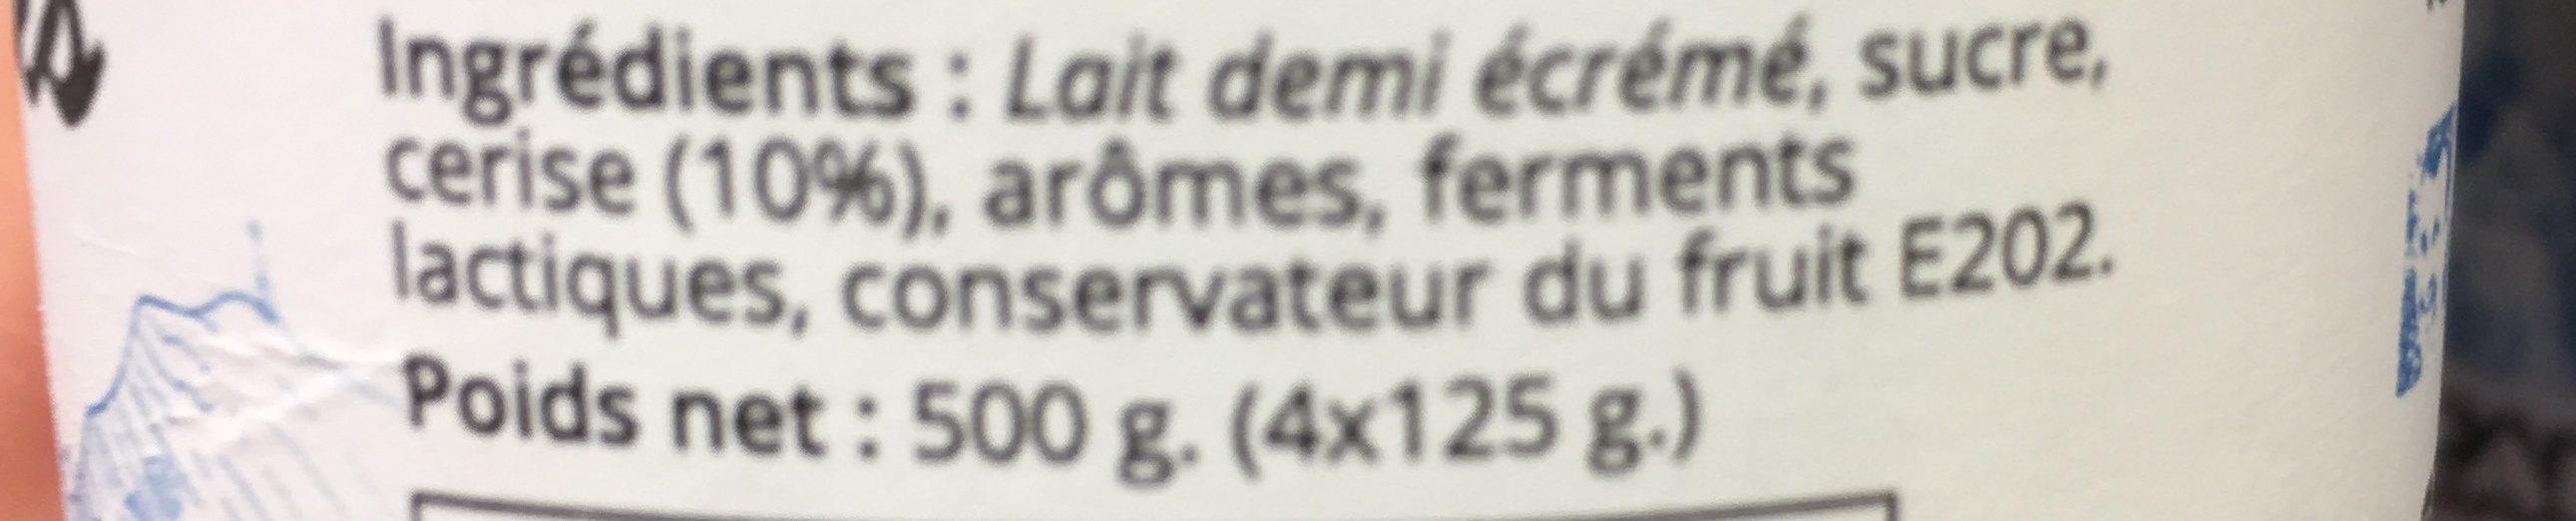 Yaourt cerise - Ingrédients - fr